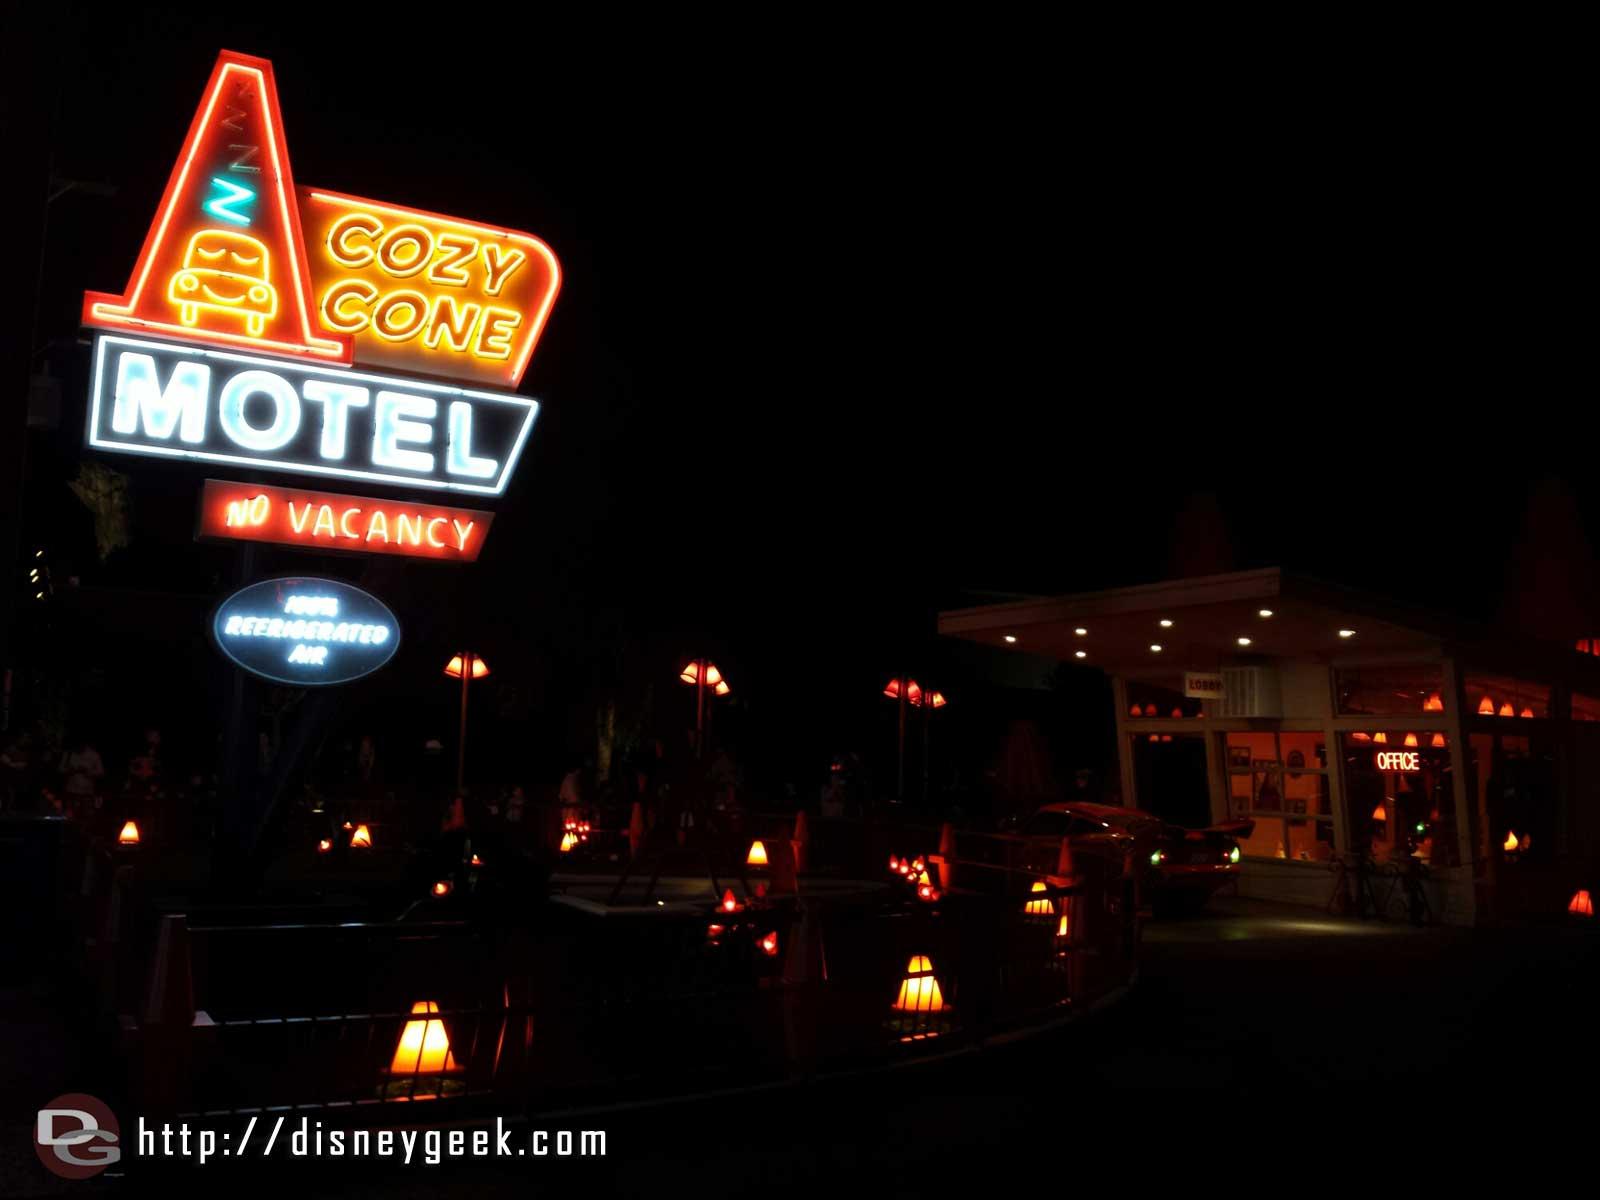 Cozy Cone Motel #CarsLand #Neon